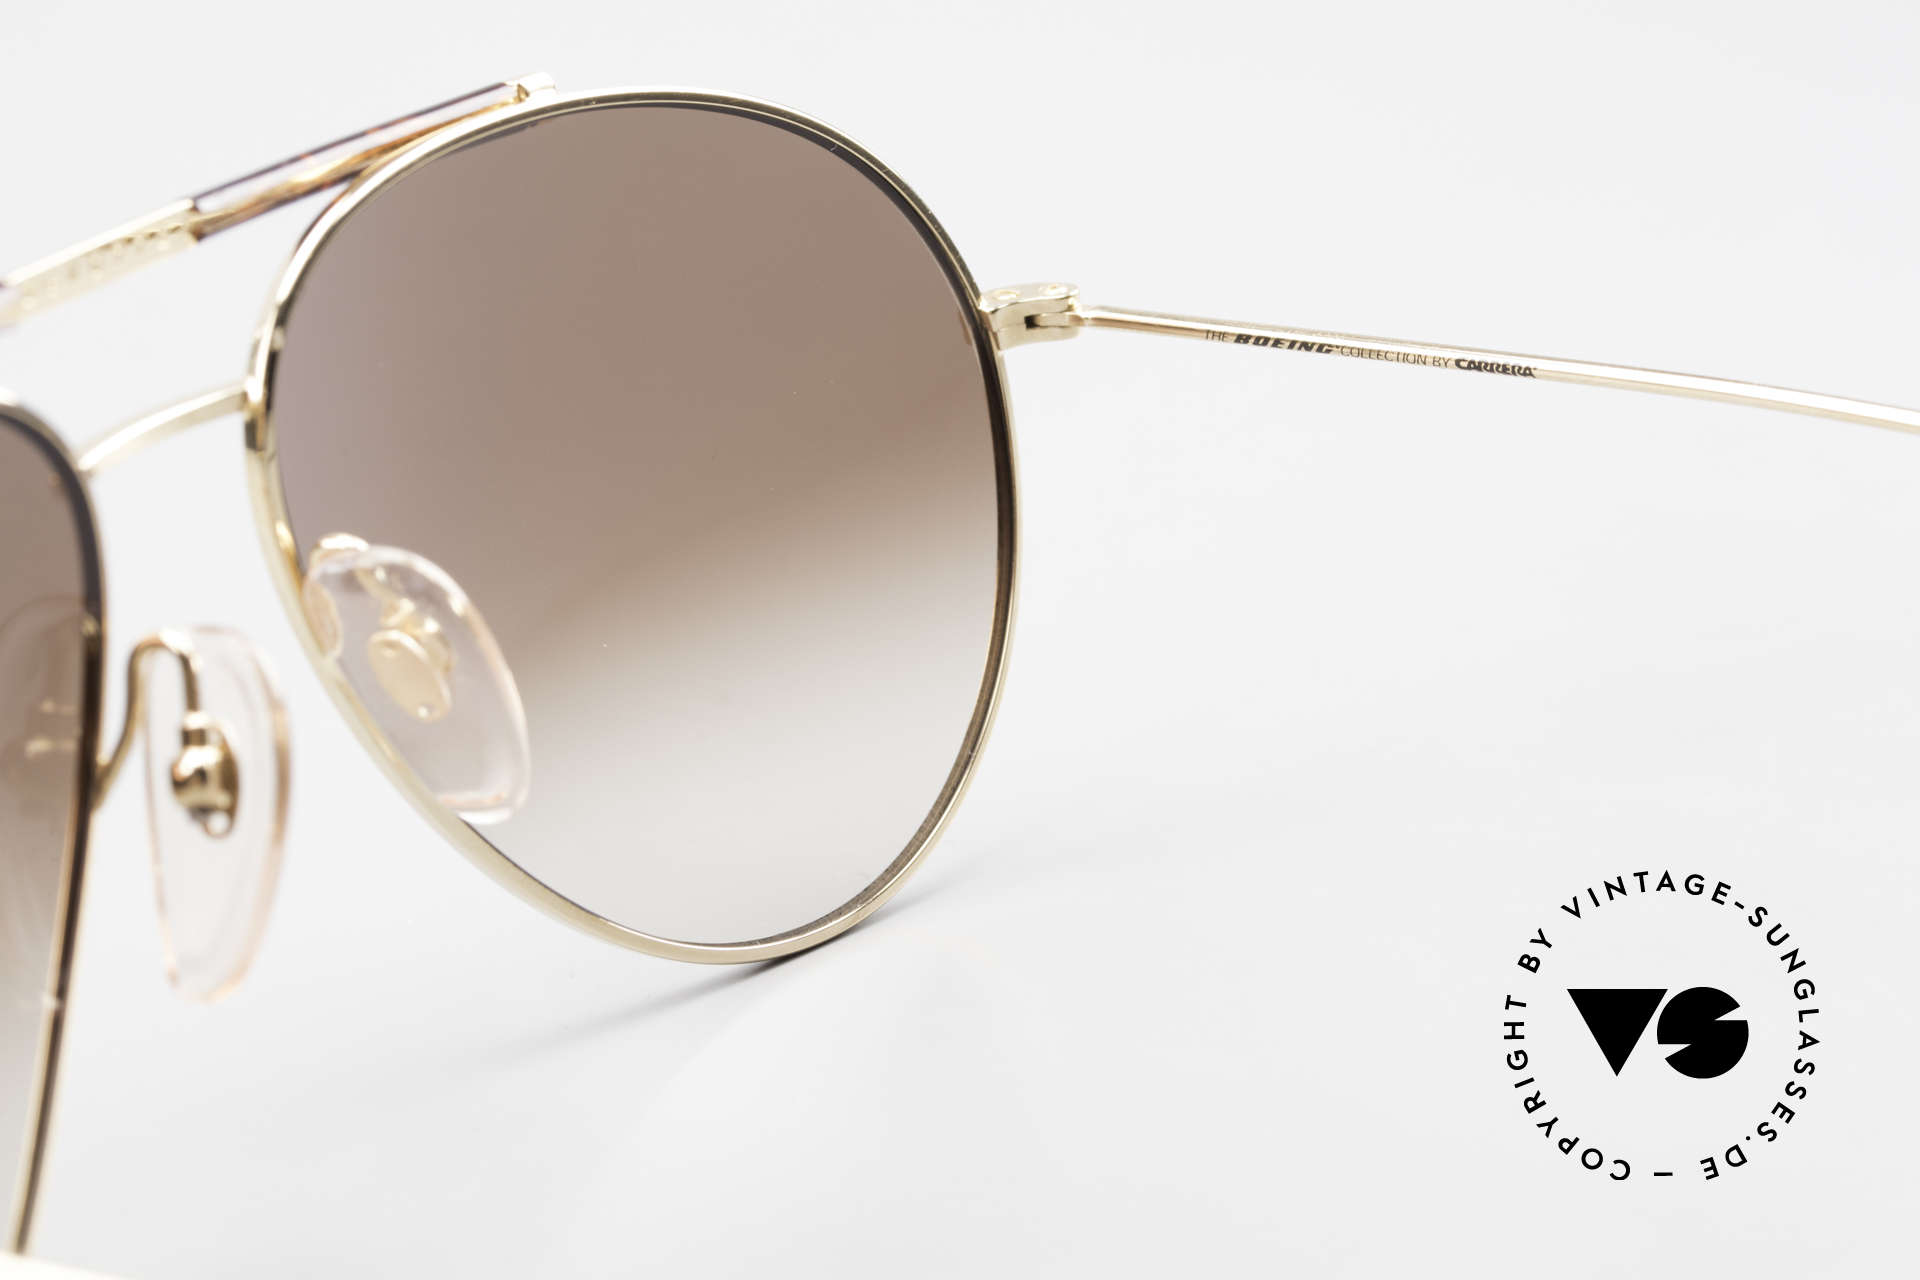 Boeing 5706 No Retro Glasses True Vintage, NO retro sunglasses, but a precious old ORIGINAL, Made for Men